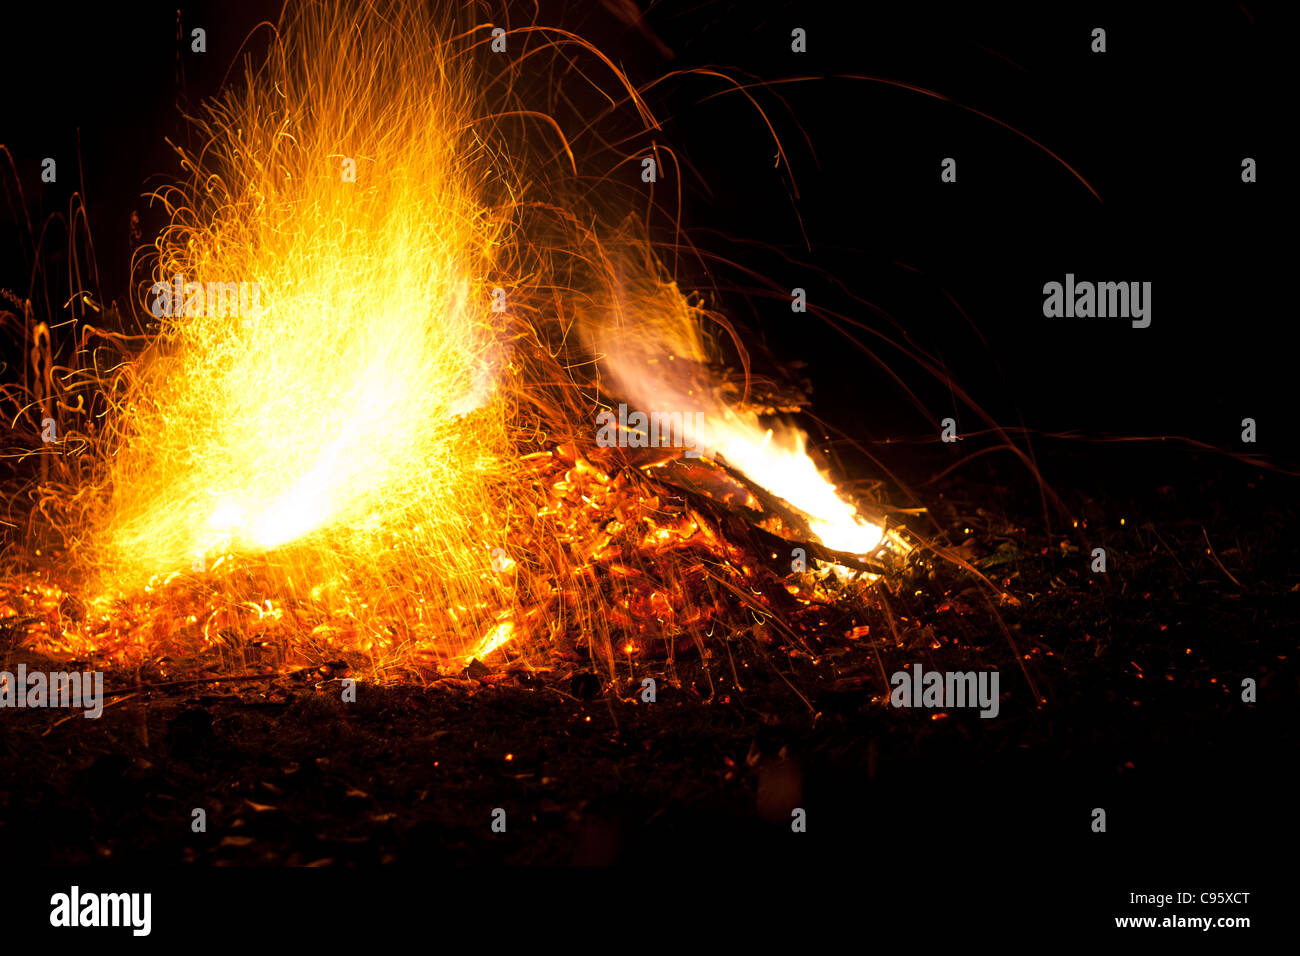 Il fuoco con le fiamme e scintille. Colore arancione intenso, giallo bagliore del falò contro una notte nera Immagini Stock